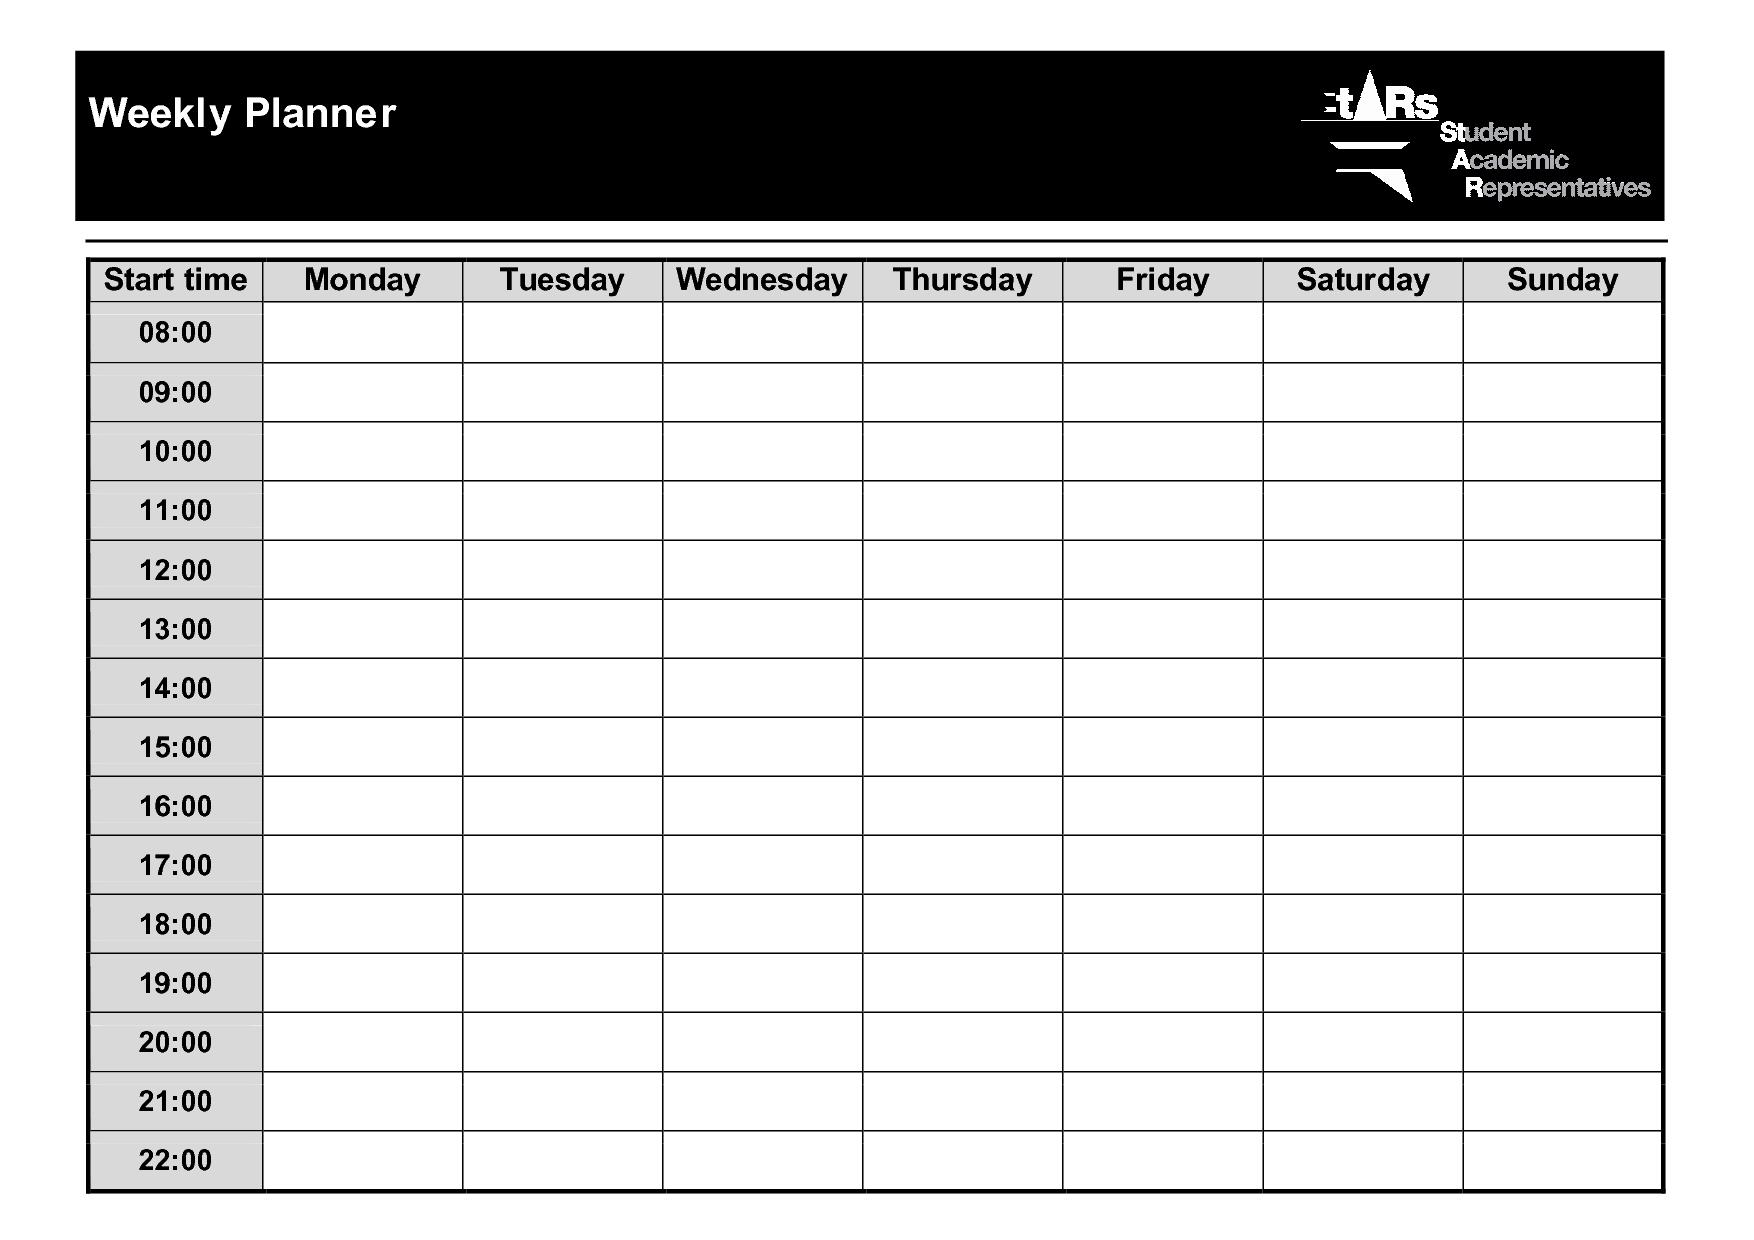 Weekly Planner Template Pdf   Printable Planner Template in Free Printable Weekly Calendars Pdf